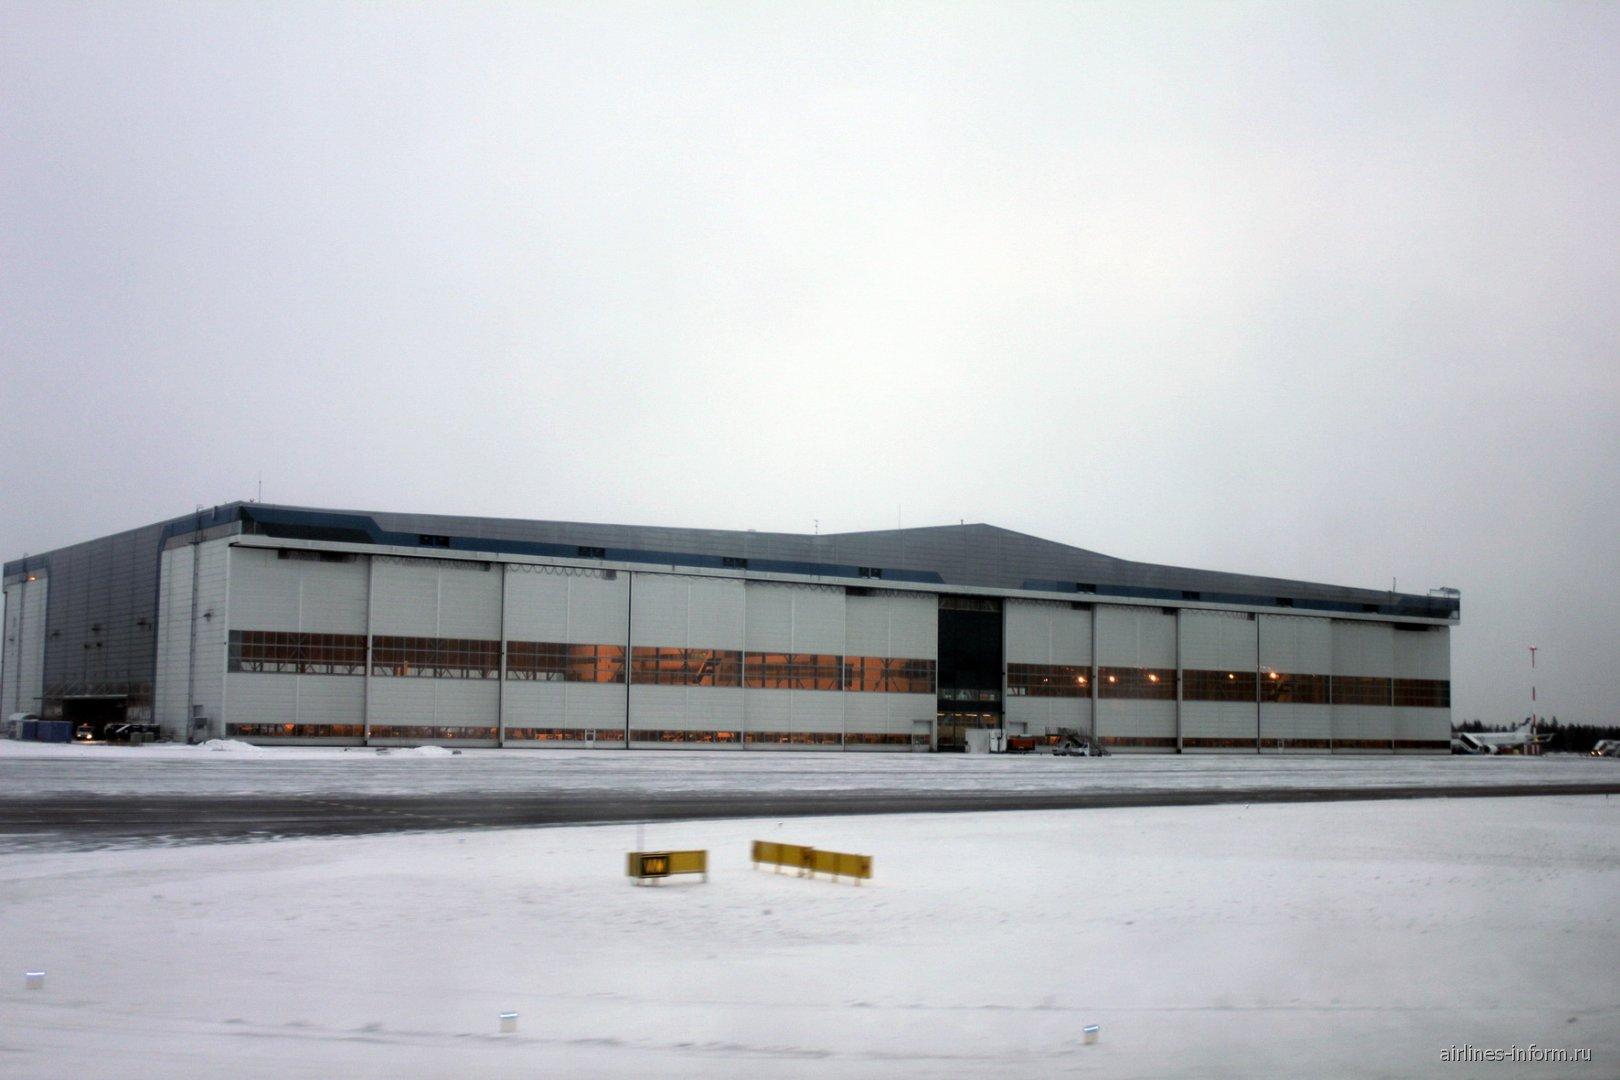 Ангар в аэропорту Хельсинки Вантаа